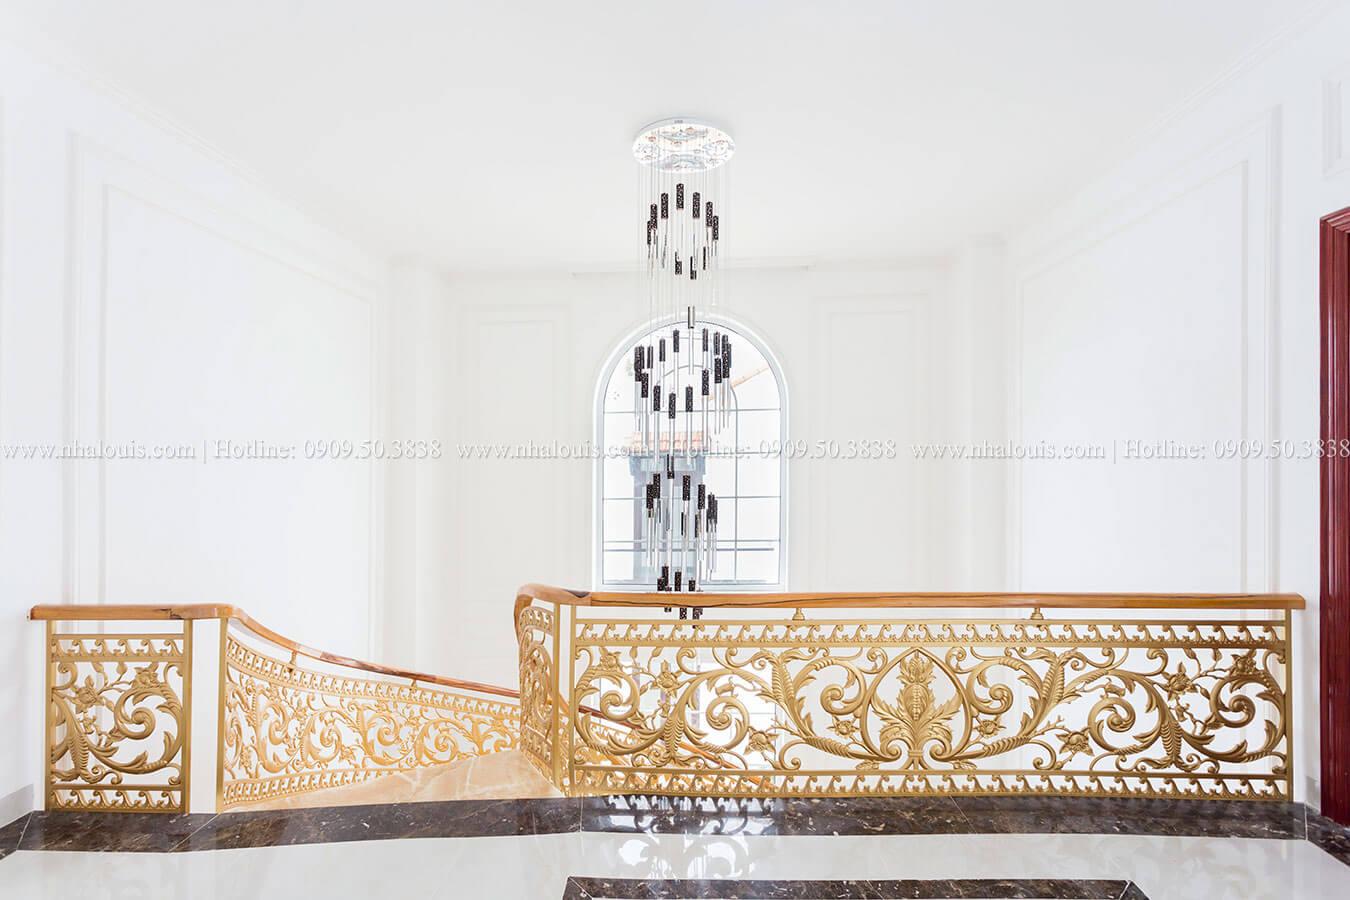 Hoàn thành dự án thi công mẫu biệt thự 2 tầng đẹp ở Hội An